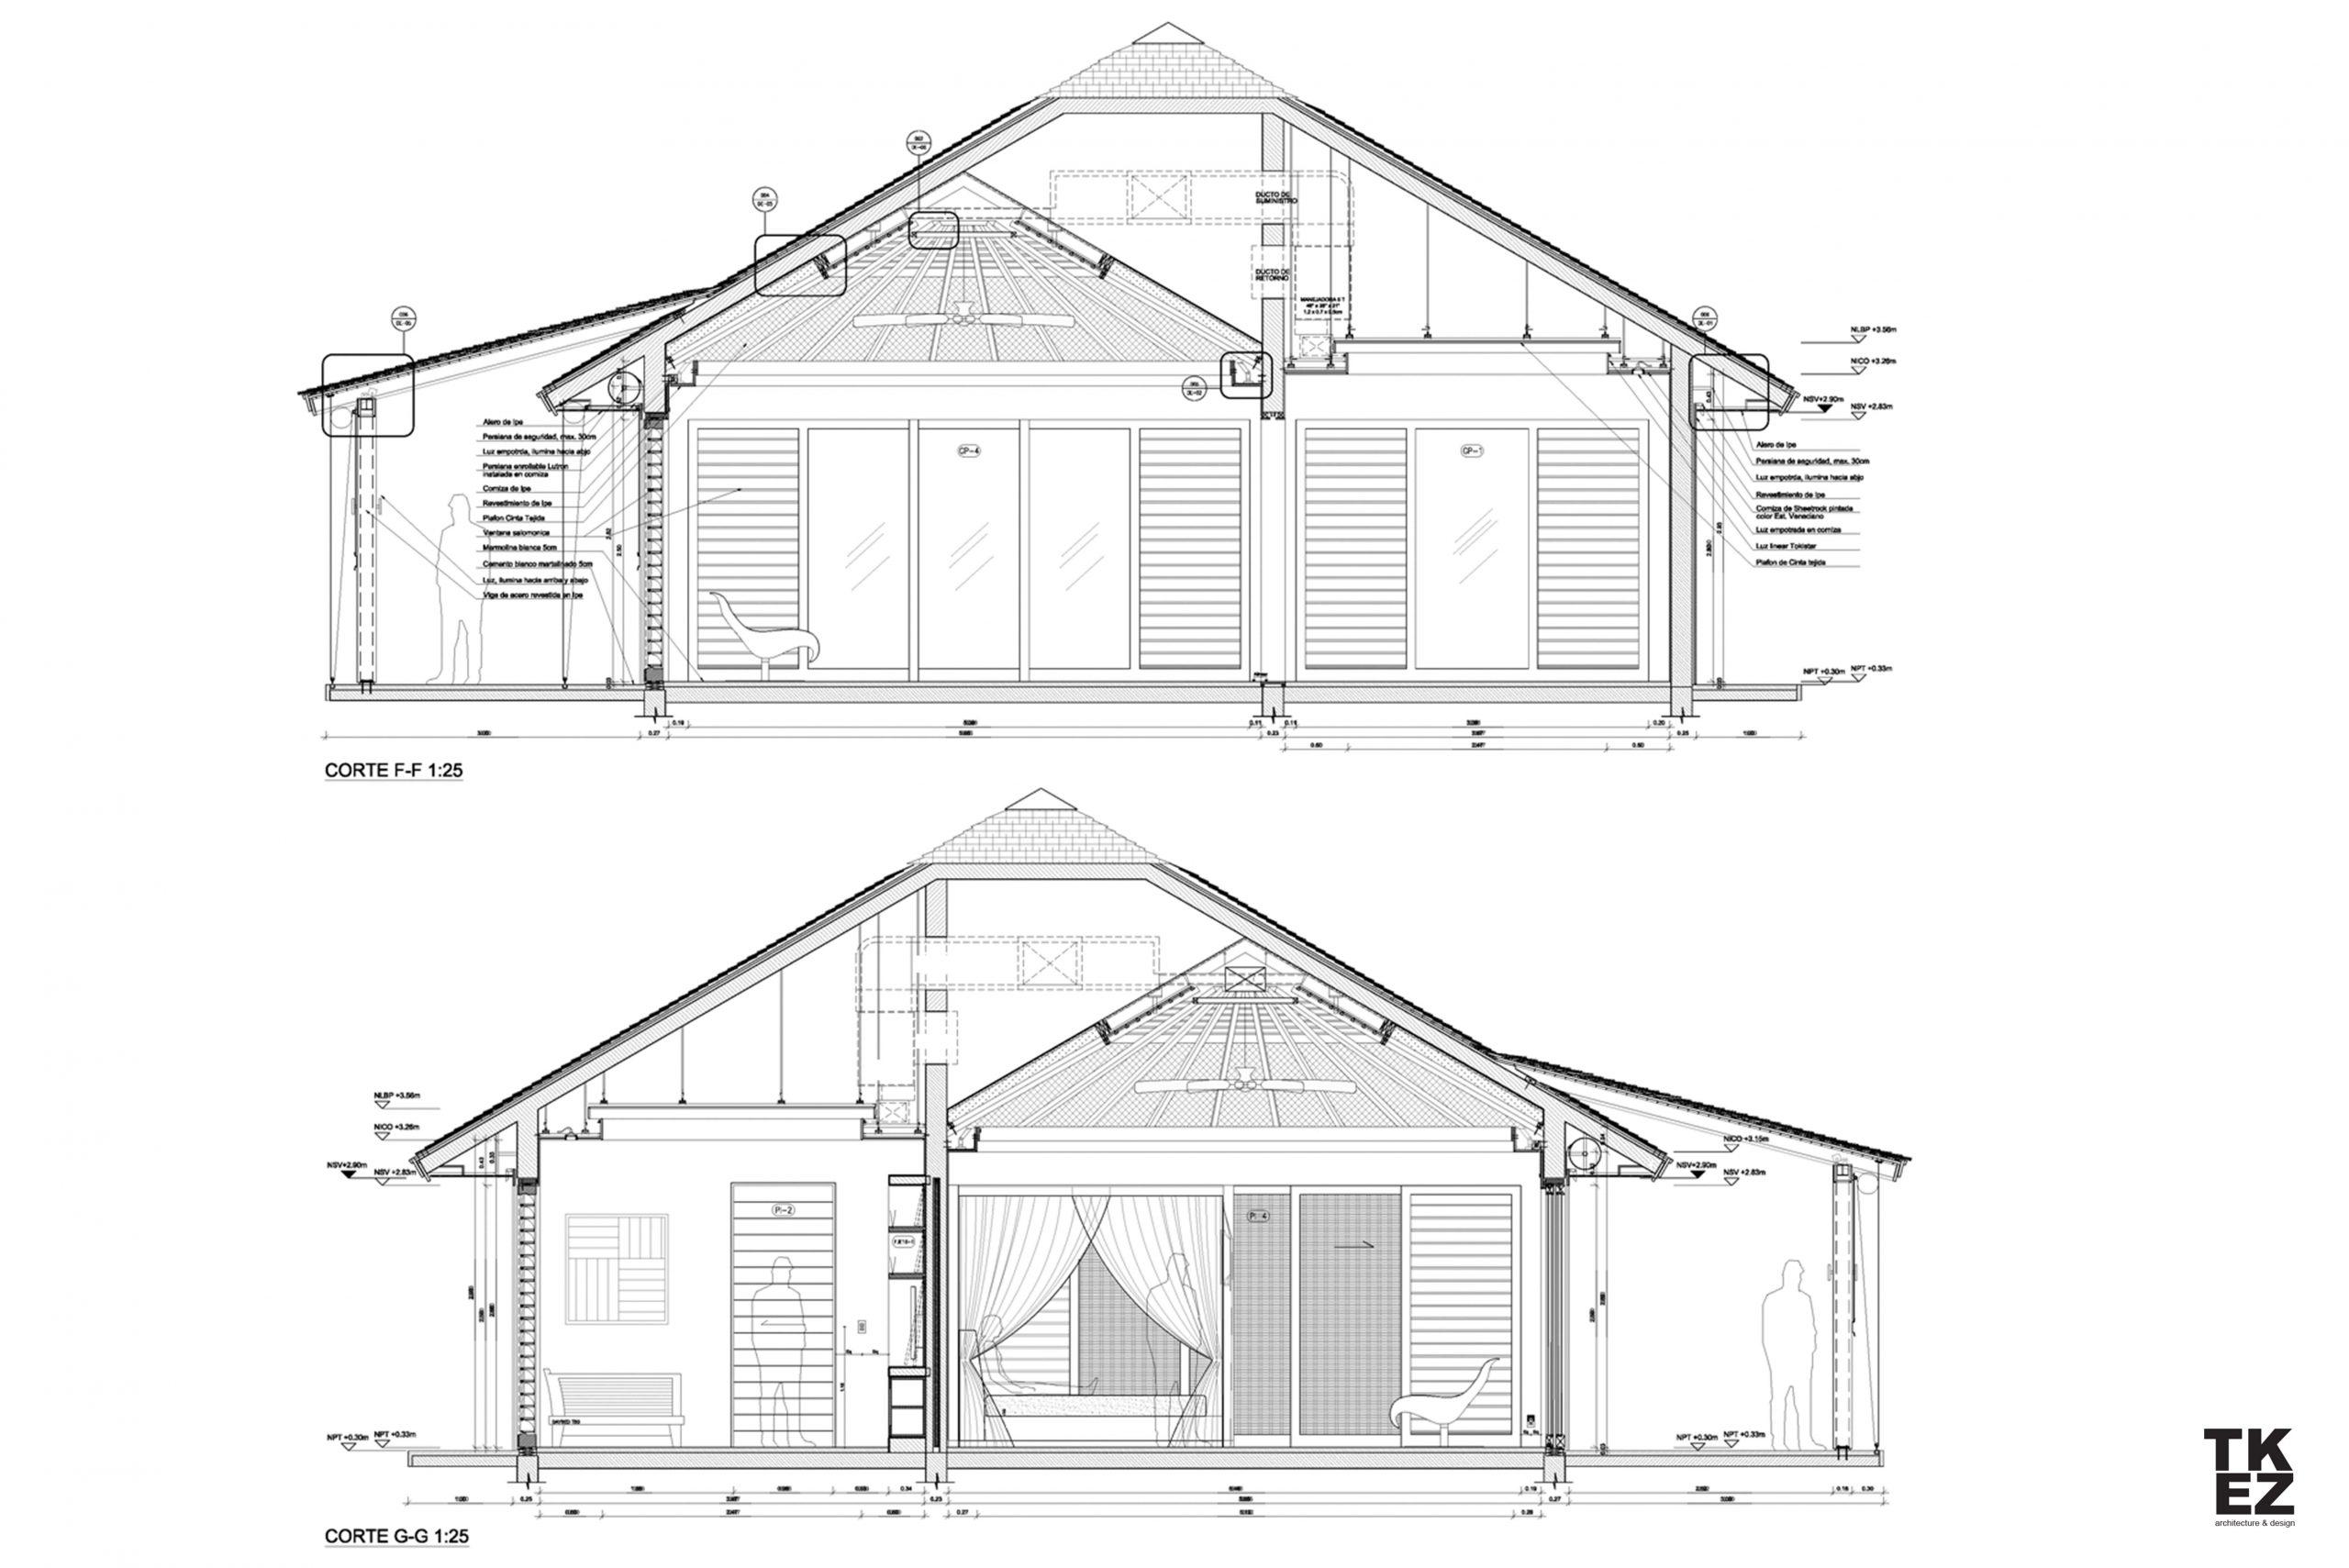 Exklusive Wohnresidenz Architekturbüro TKEZ Architekten Zeichnung Querschnitt